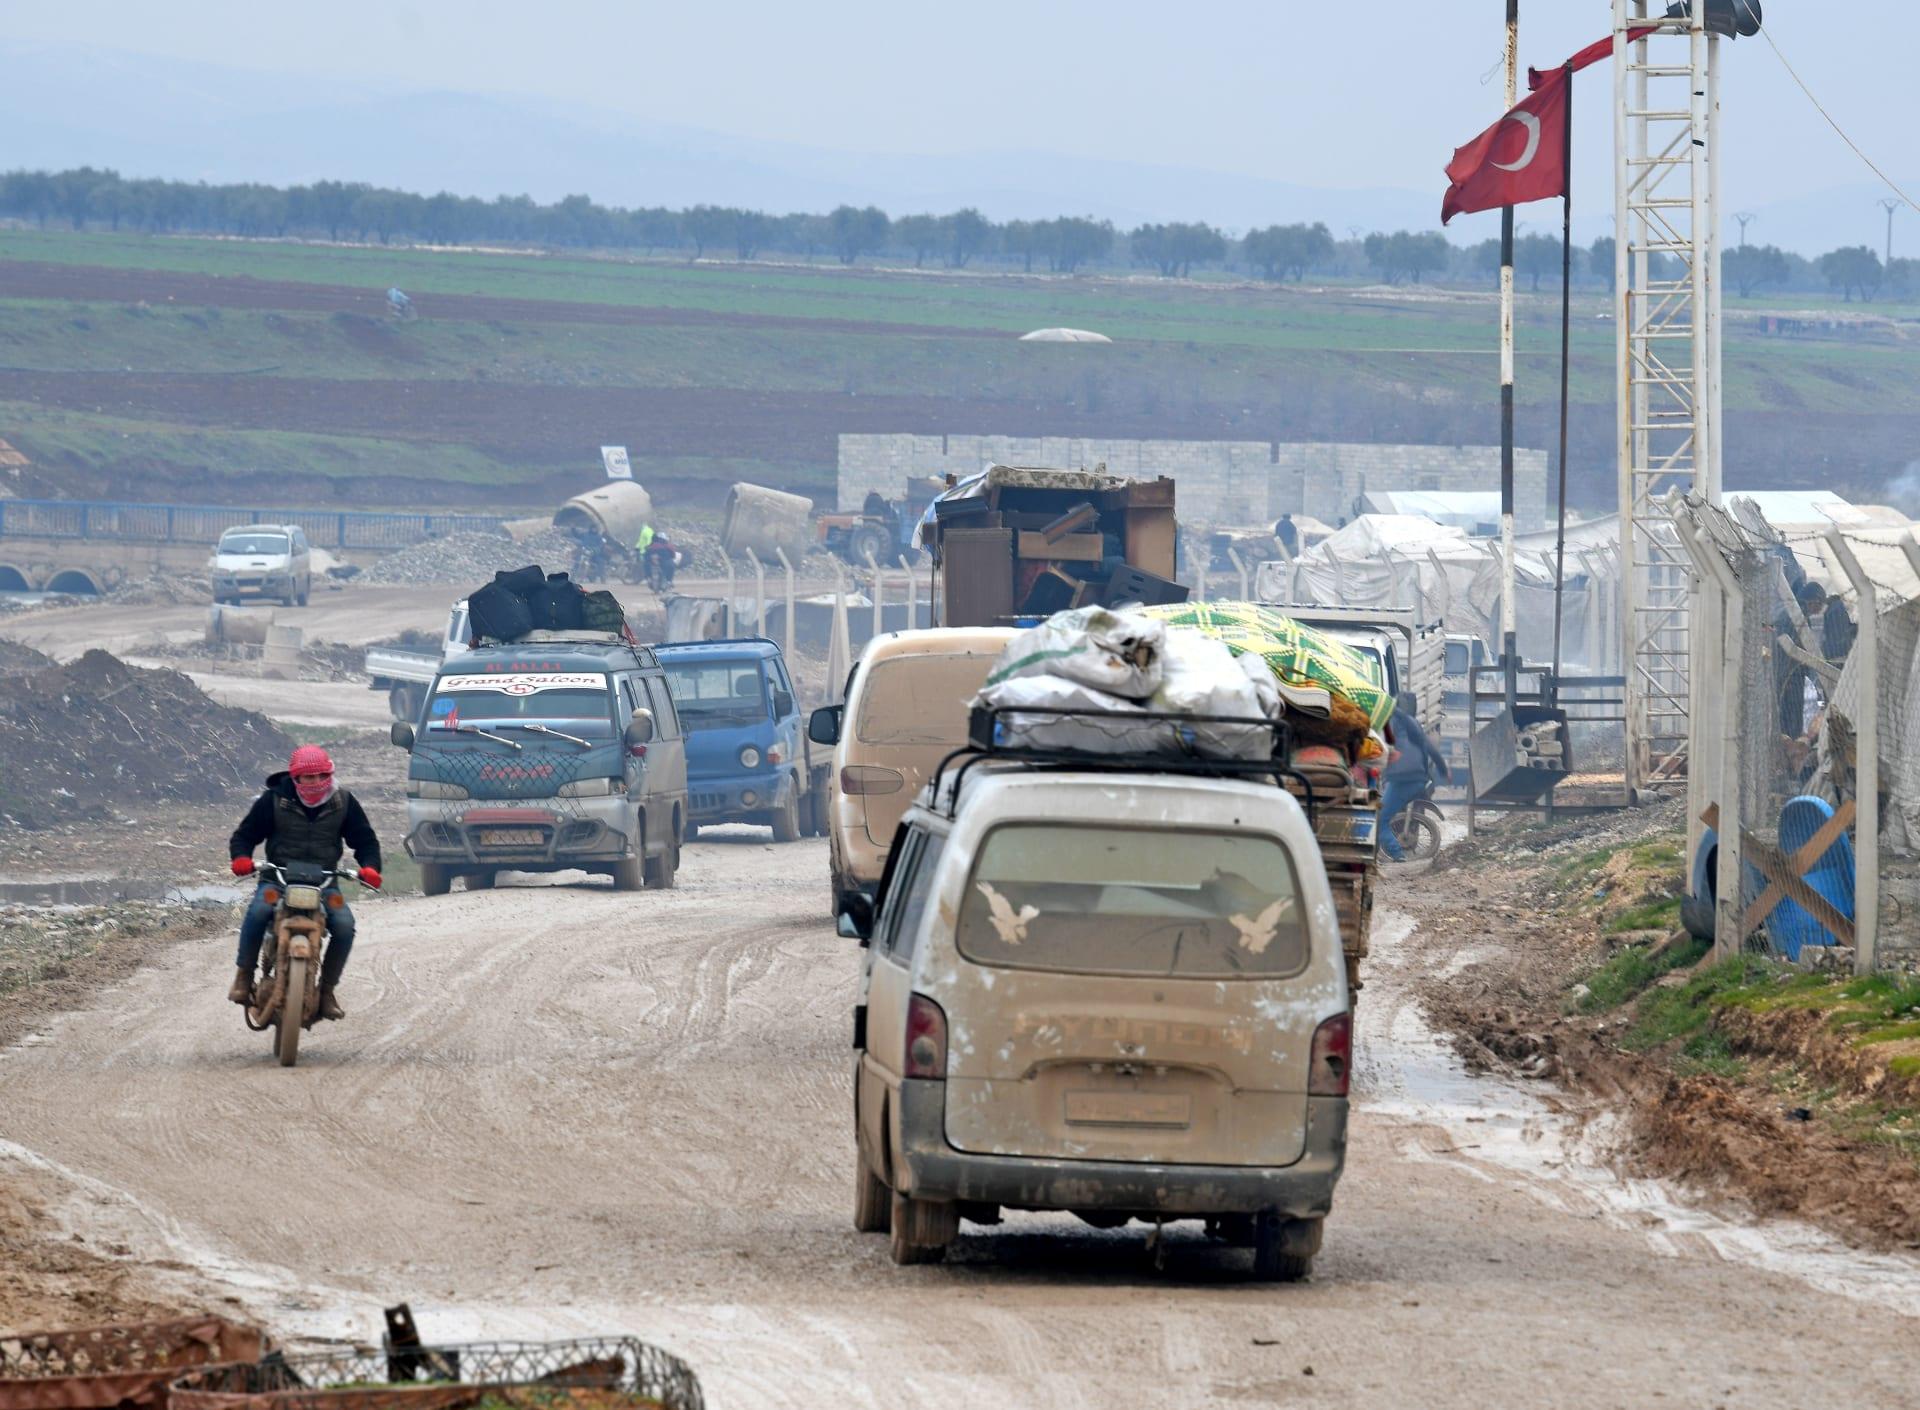 الأمم المتحدة: أكثر من 800 ألف نازح في شمال غرب سوريا منذ ديسمبر